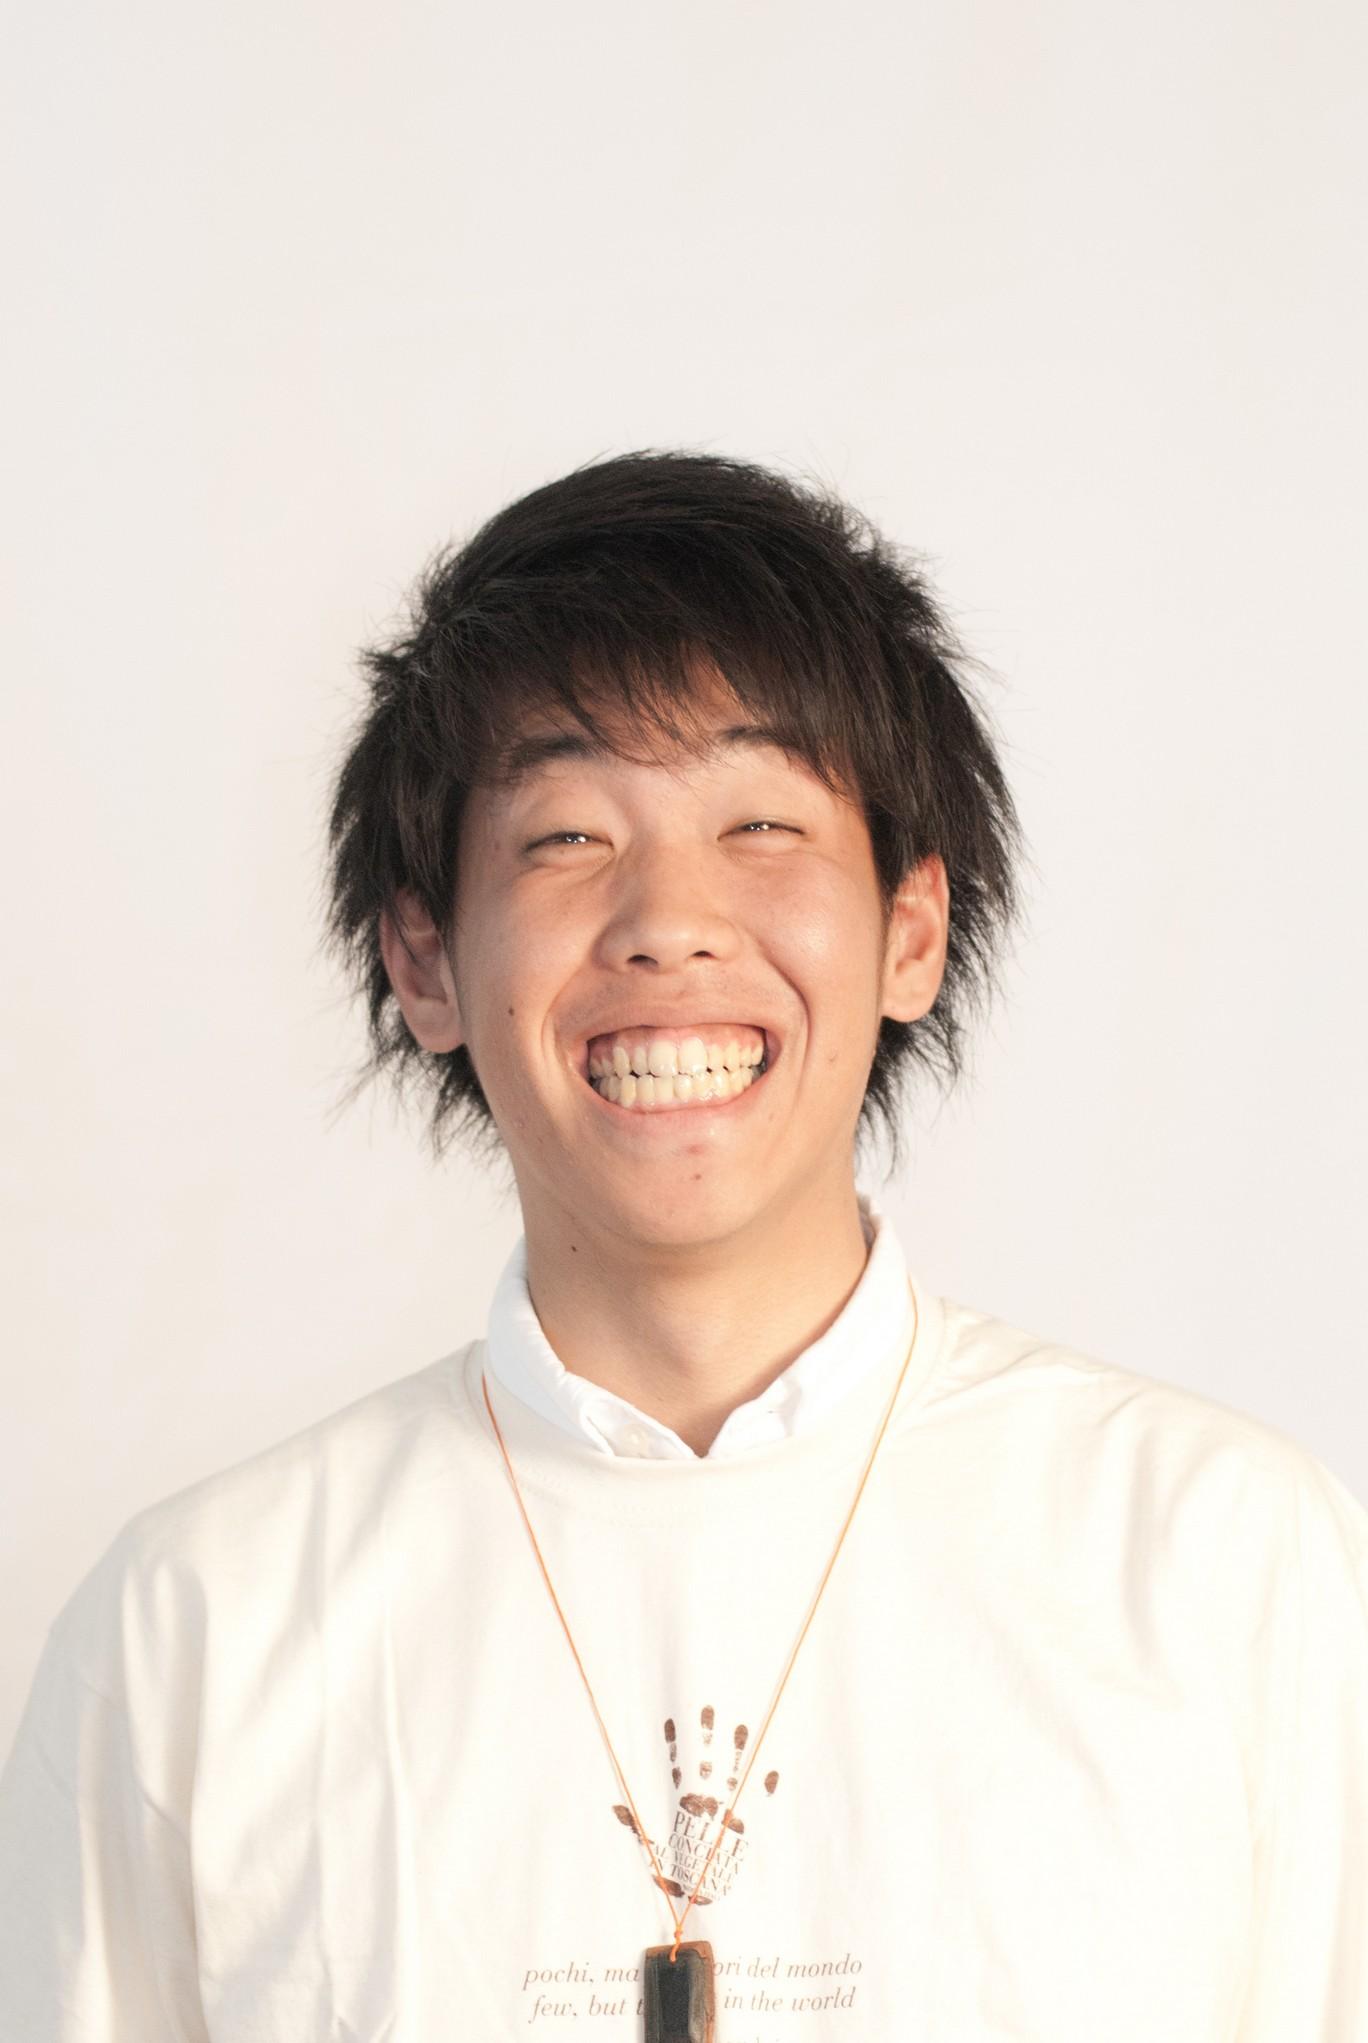 Eisuke Yoshikawa